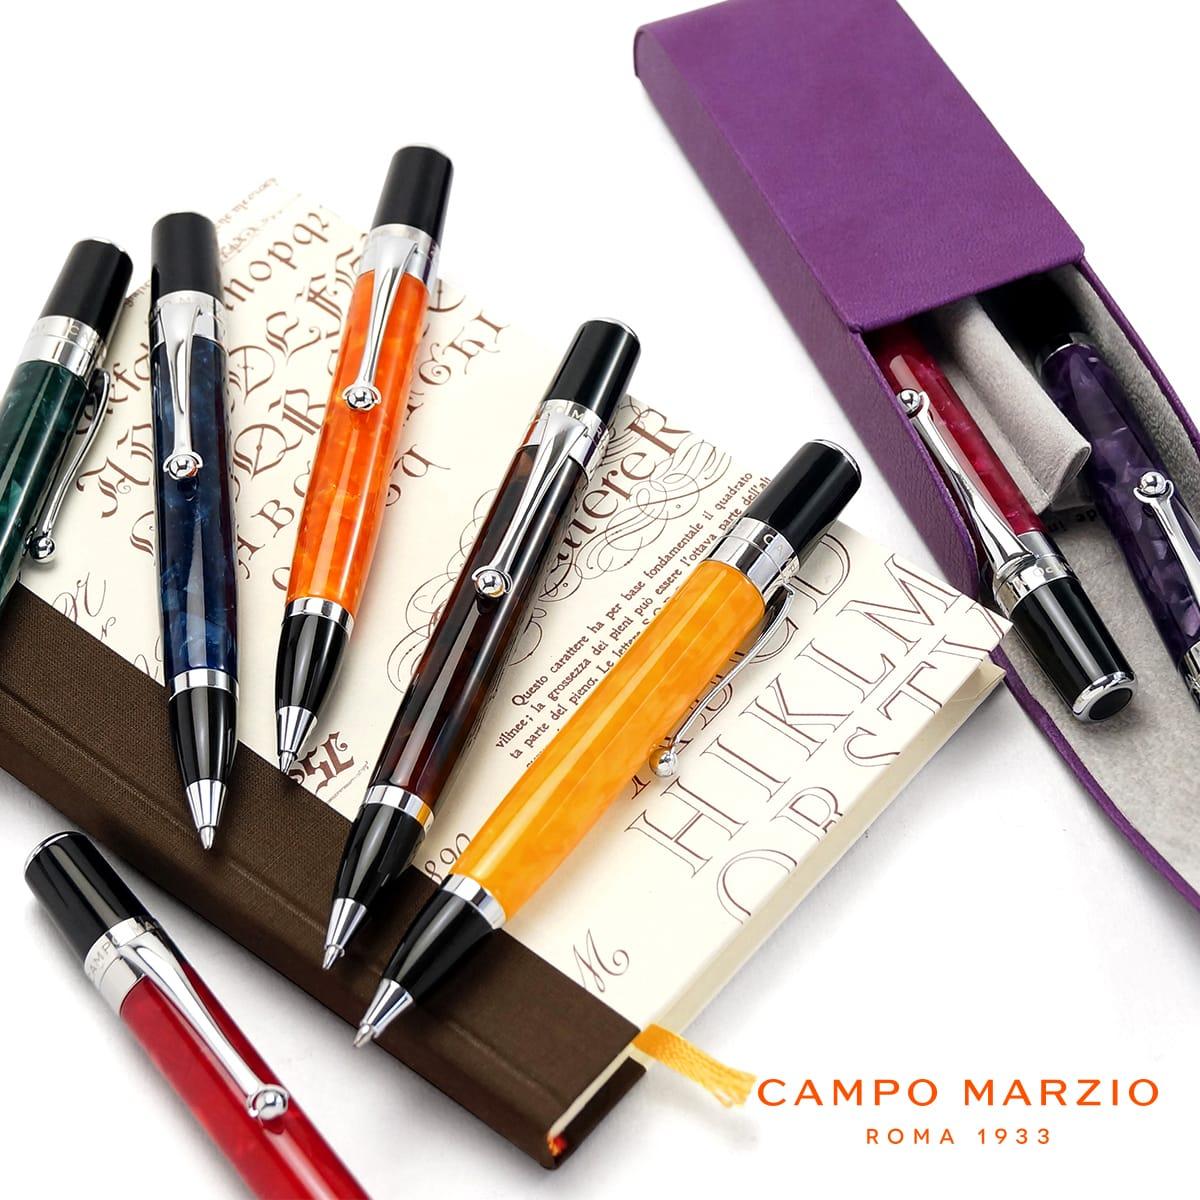 【送料無料】 【イタリアブランド】 ボールペン 油性 セルロイド 高級 ブランド メンズ レディース カンポマルツィオ CAMPO MARZIO SIENA SIE-BP